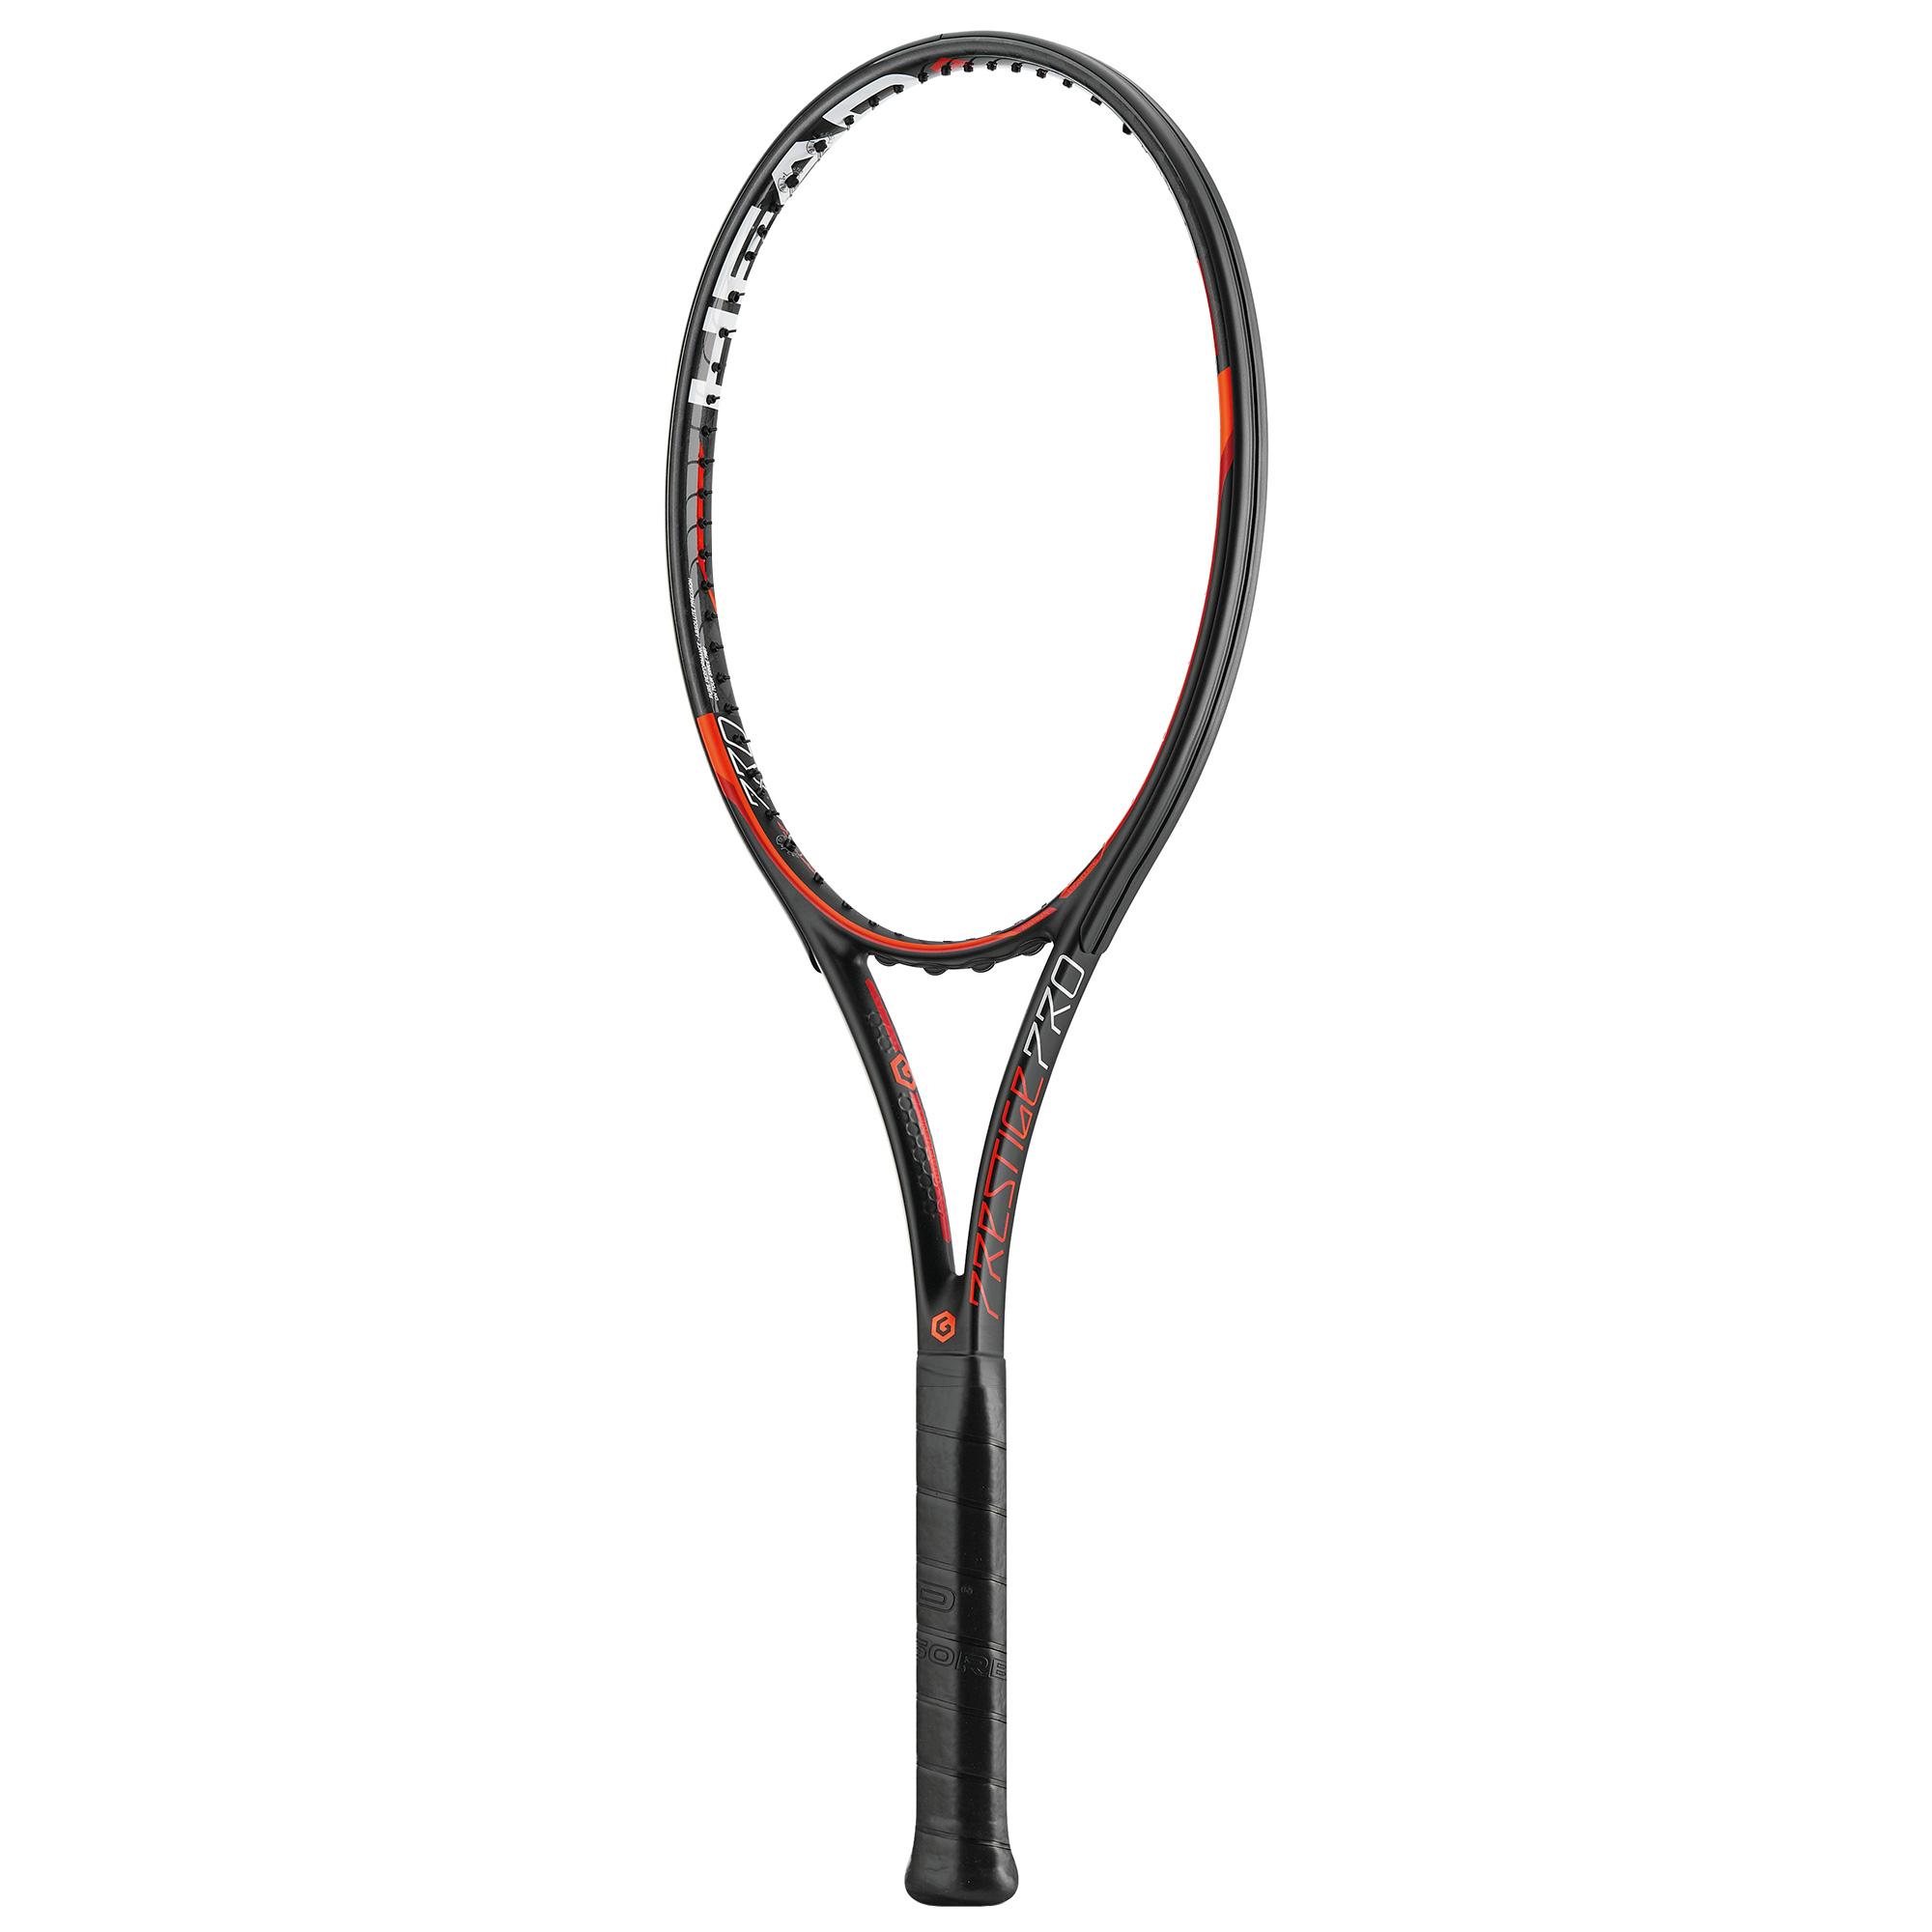 Head Graphene XT Prestige Pro Tennis Racket - Grip 4